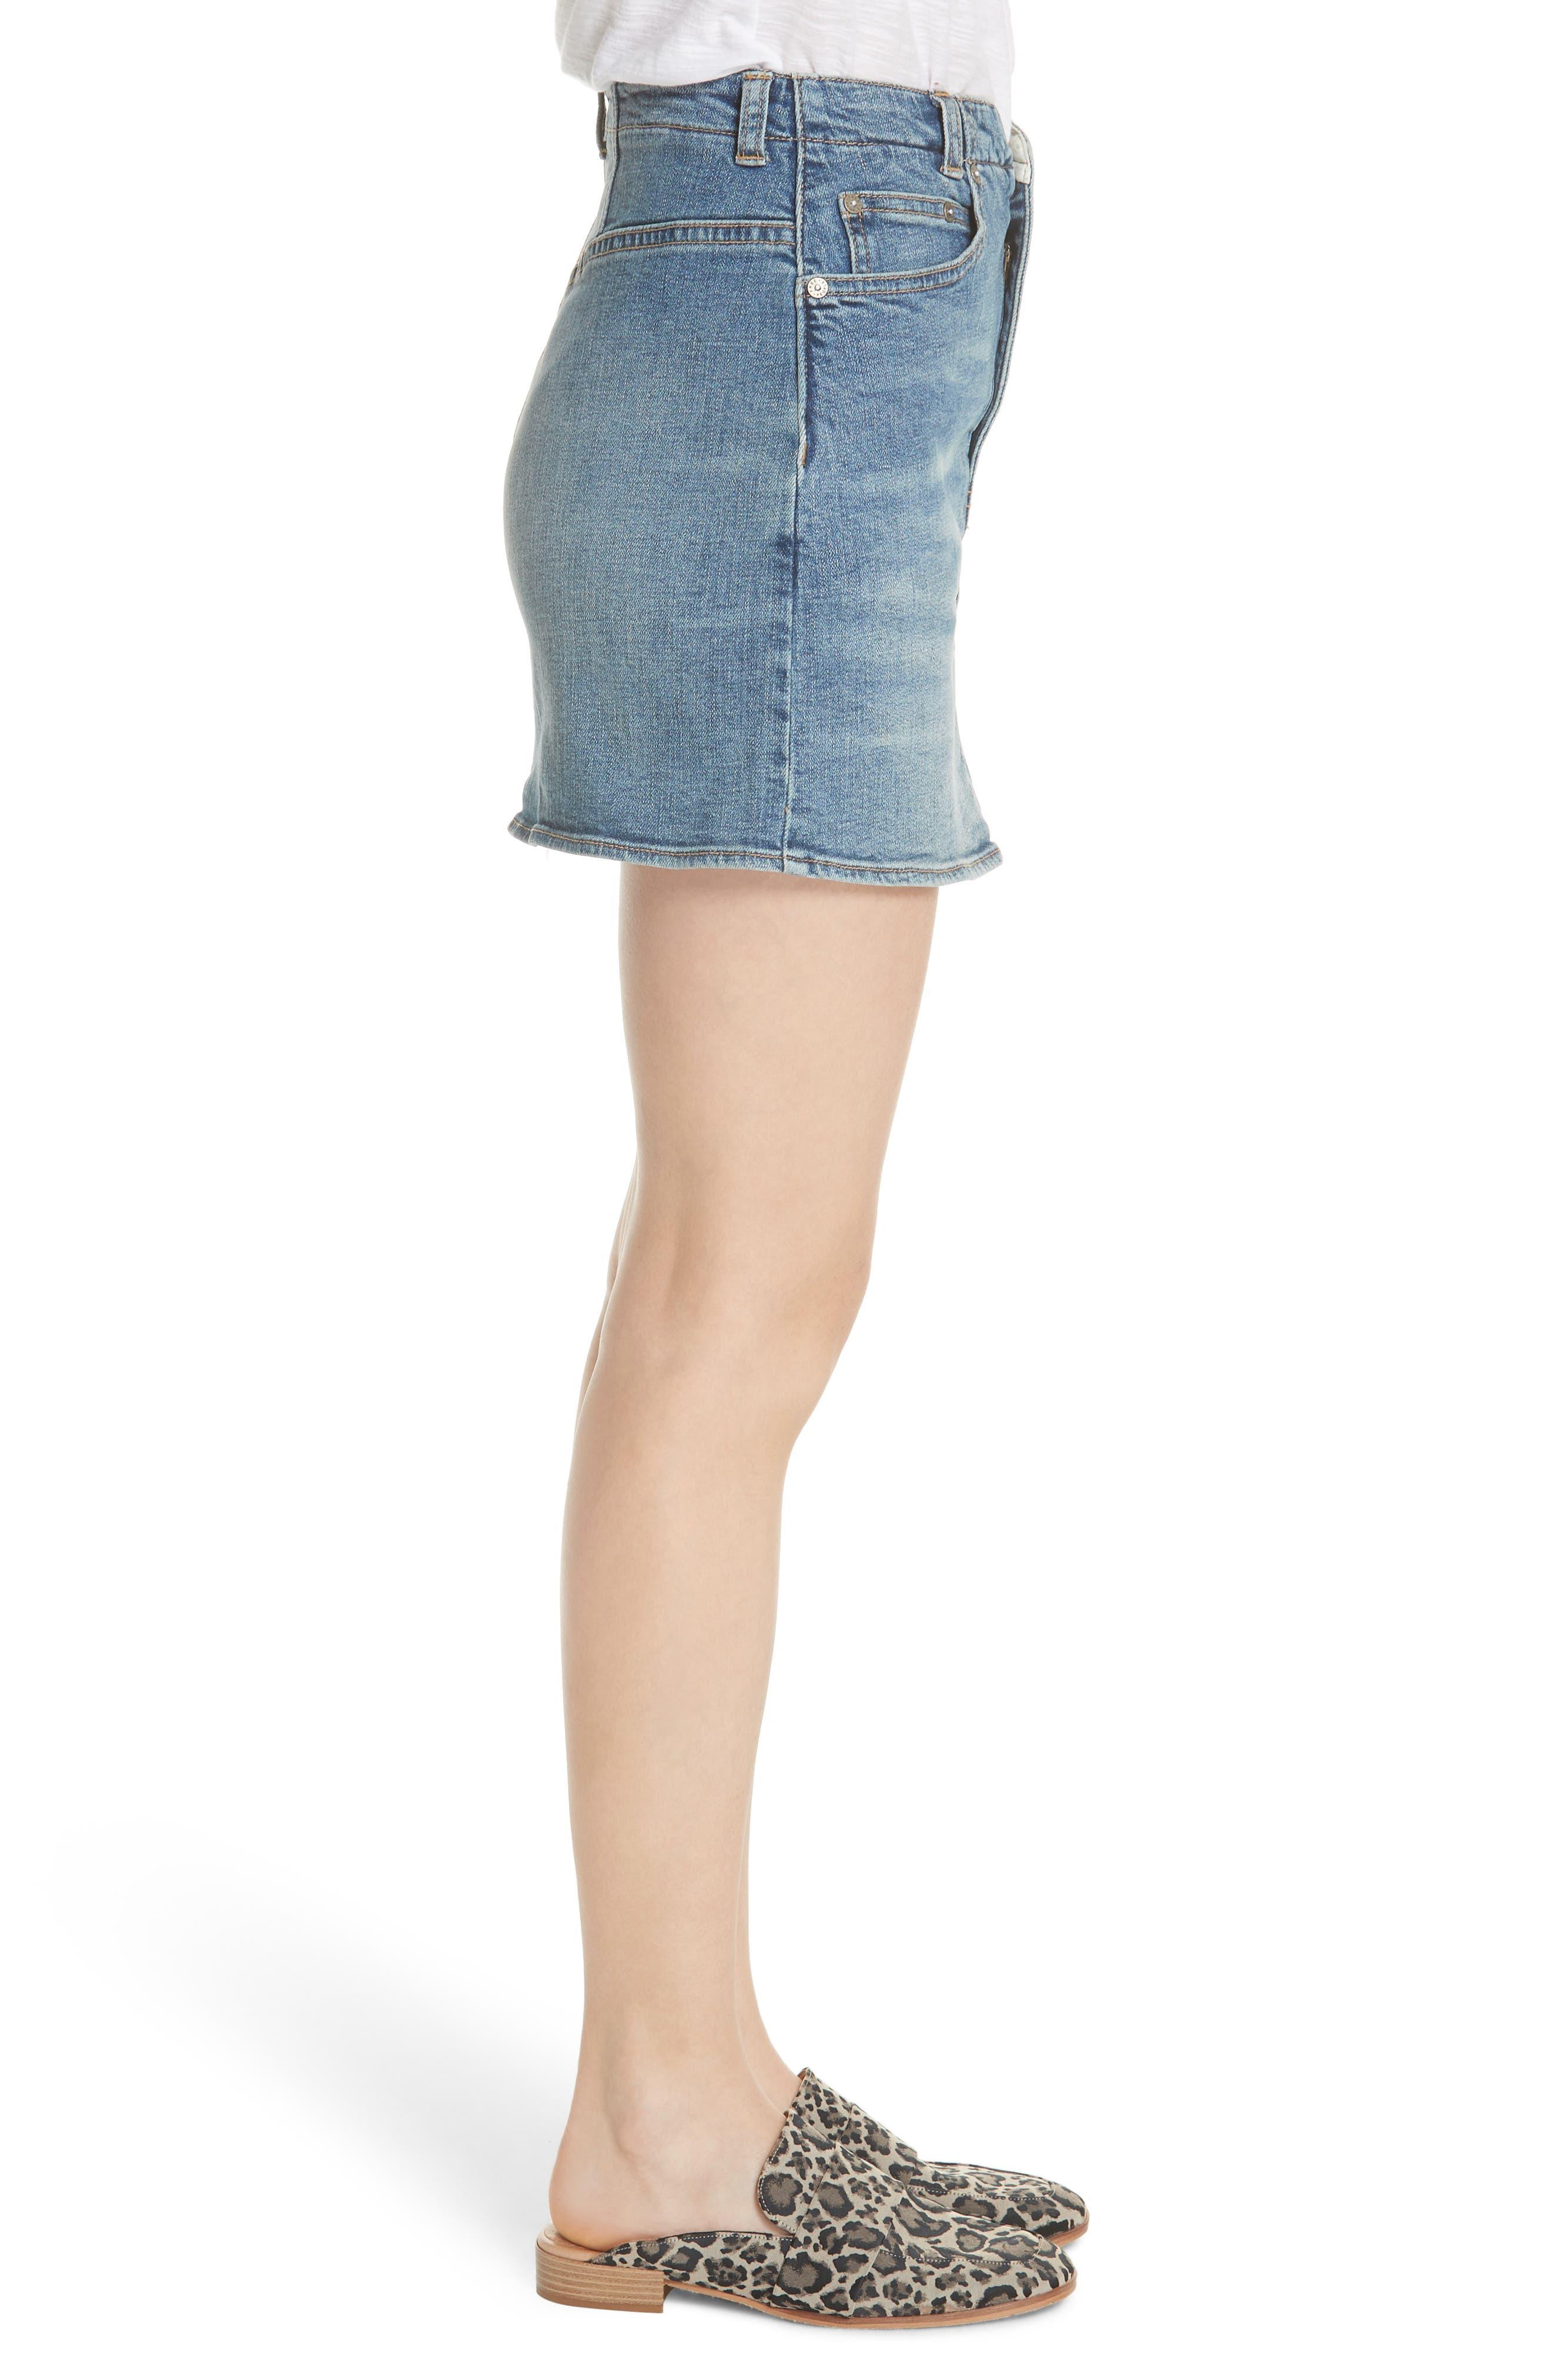 She's All That Denim Miniskirt,                             Alternate thumbnail 3, color,                             Denim Blue